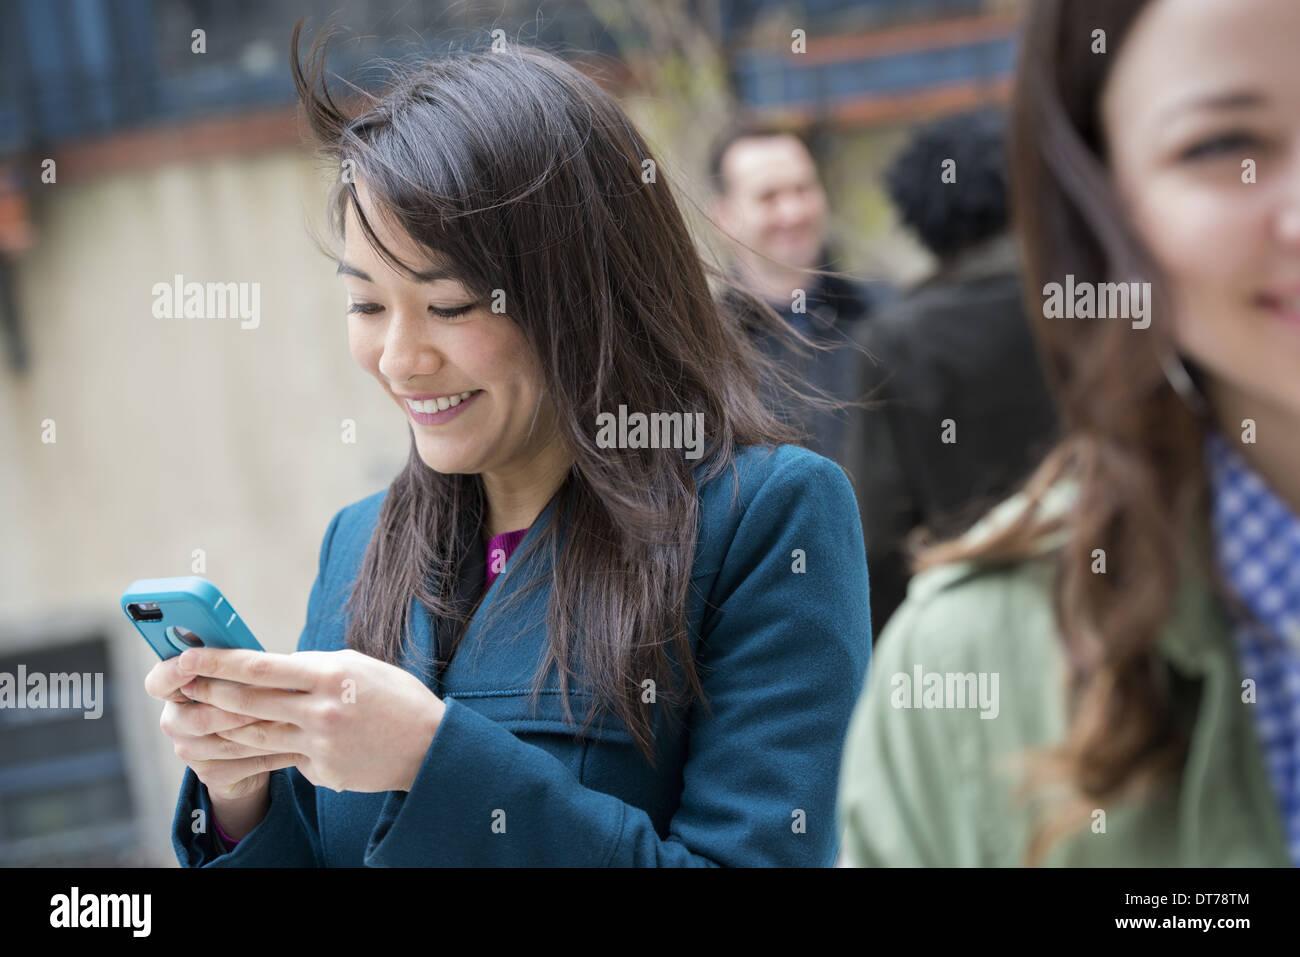 Eine Frau, die Überprüfung ihrer türkisfarbenen Smartphone unter anderen Leuten auf einer Stadtstraße. Stockbild